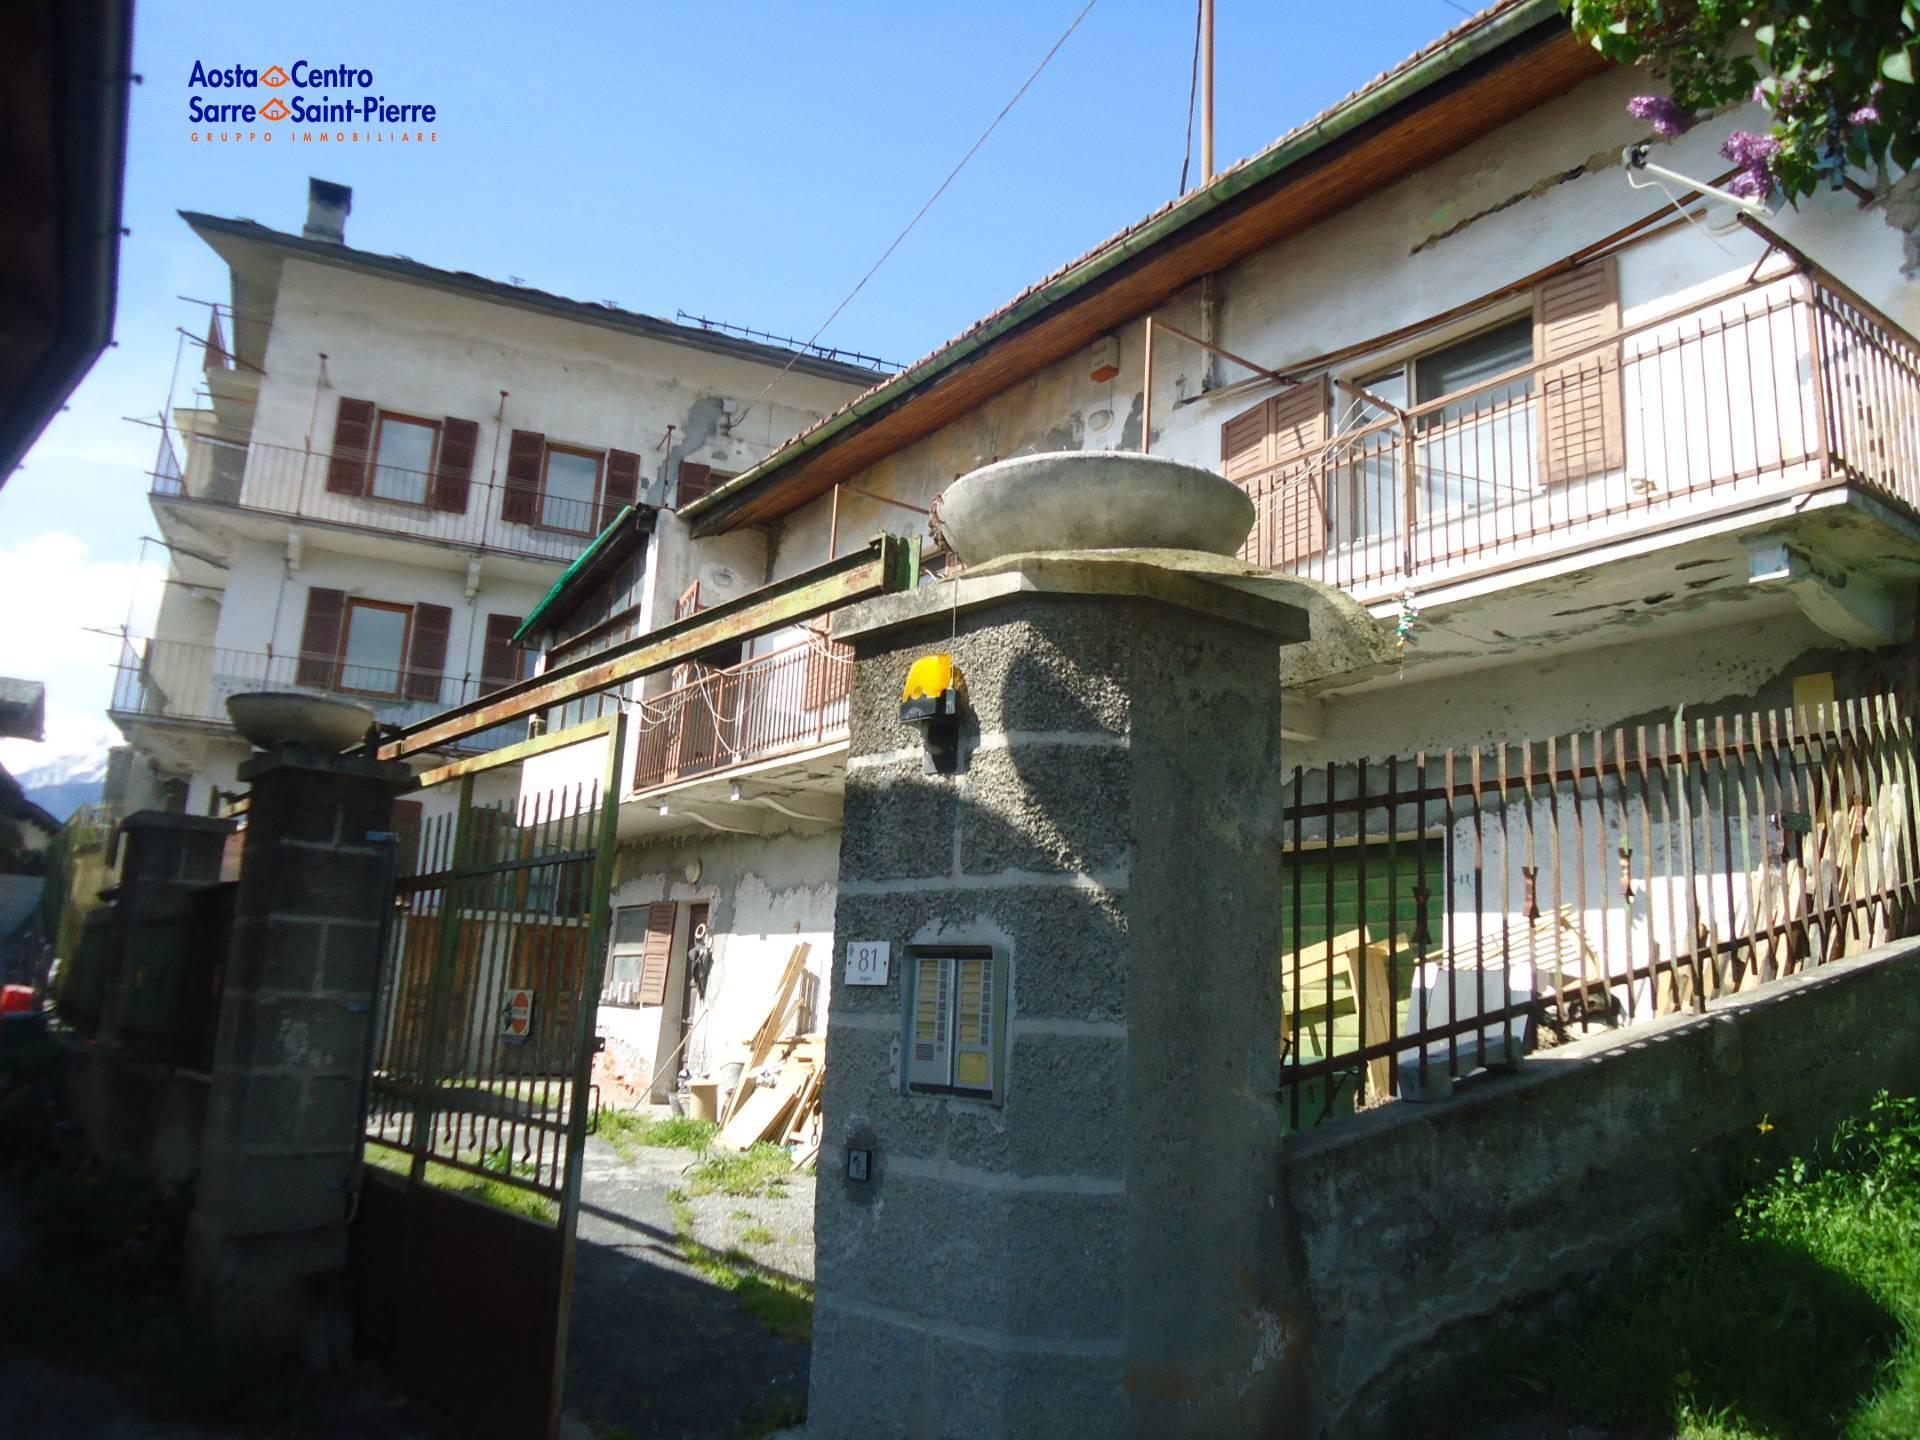 Rustico / Casale in vendita a Sarre, 30 locali, prezzo € 850.000 | PortaleAgenzieImmobiliari.it